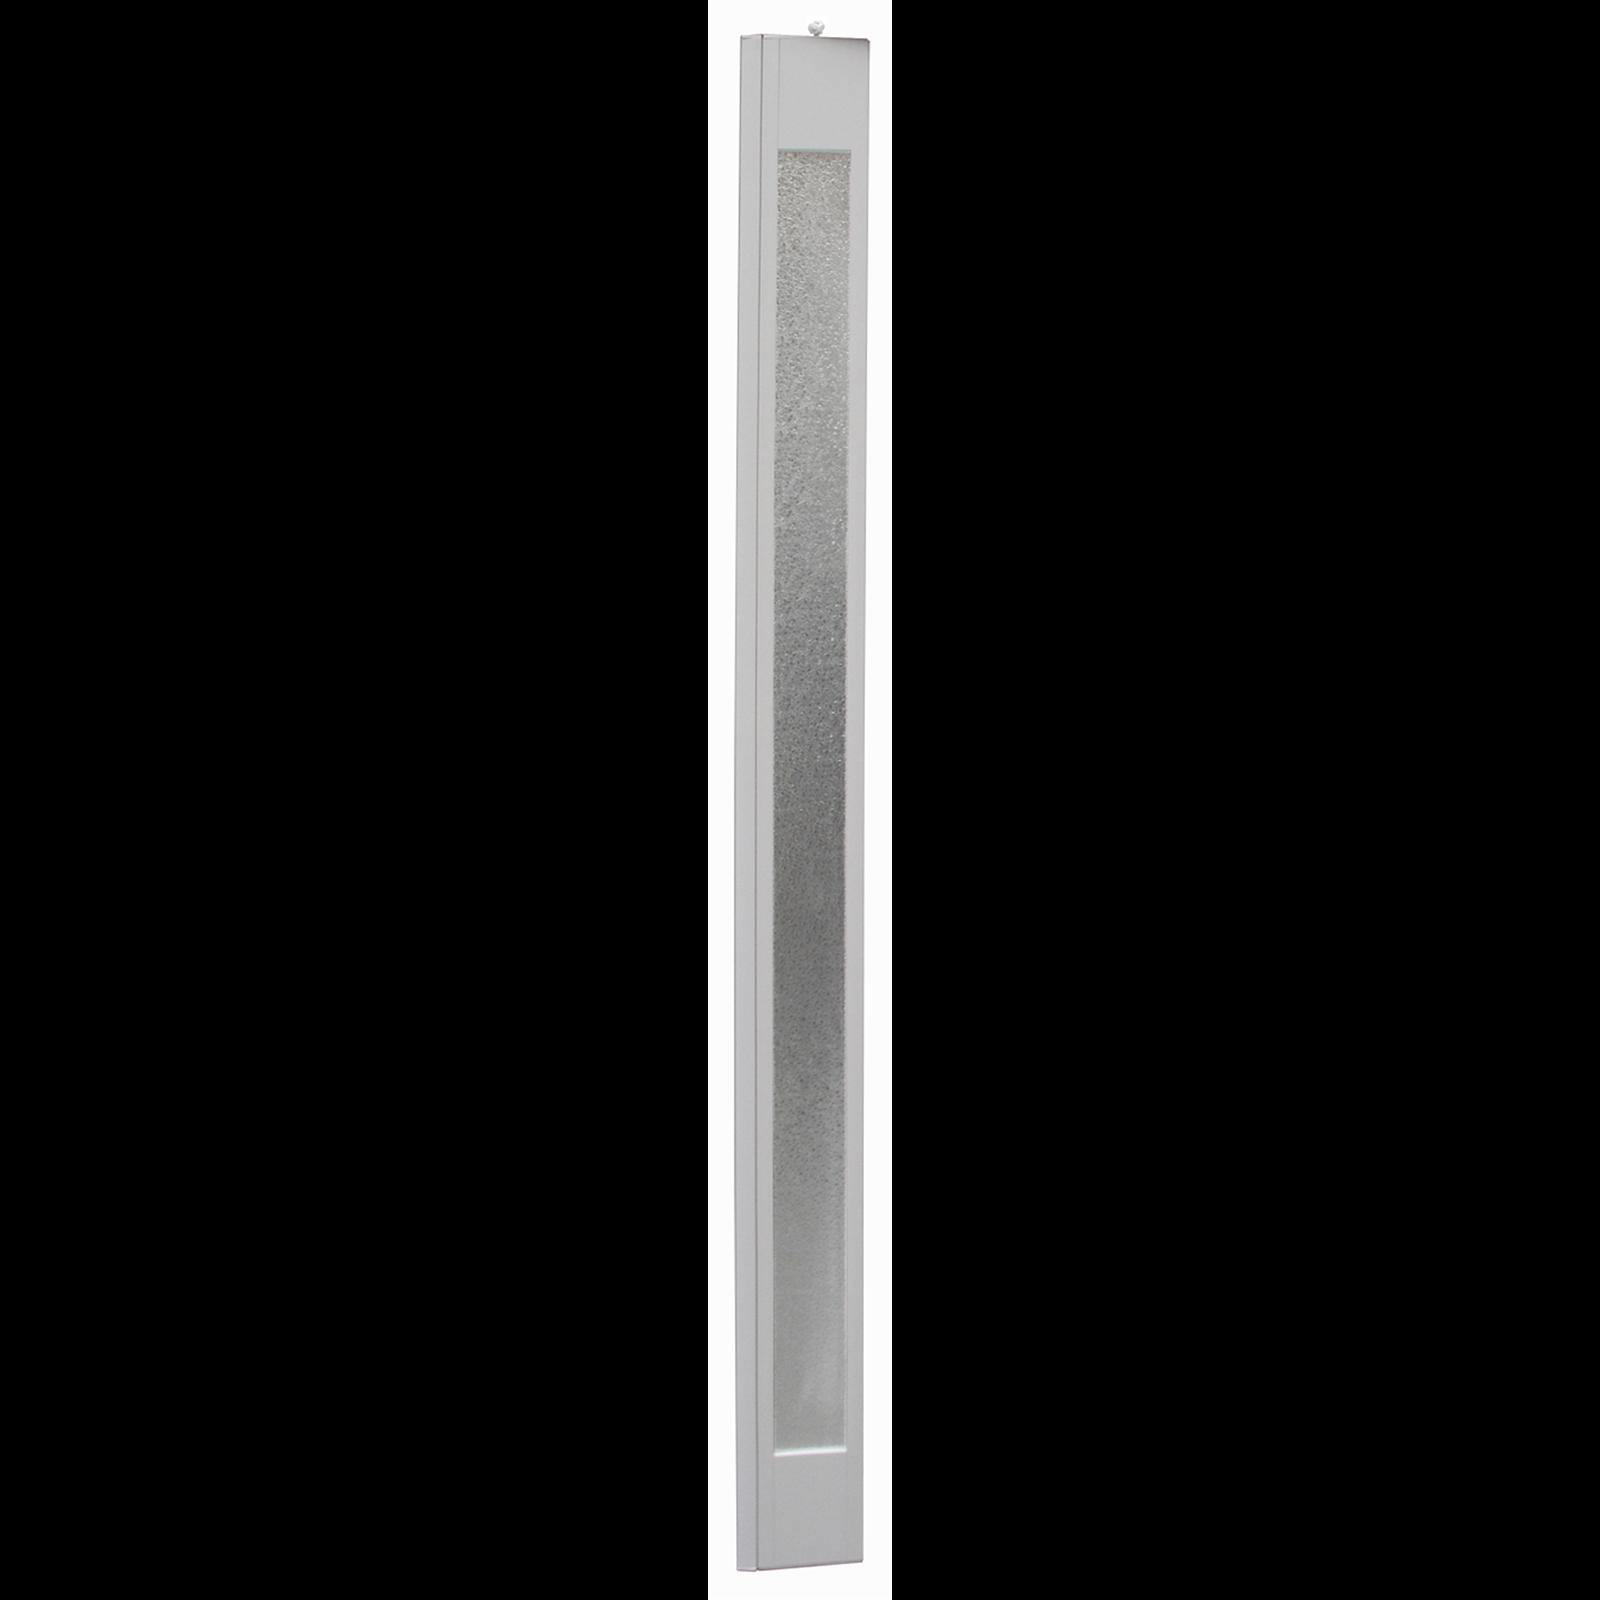 Pillar Products 15 x 203cm White PVC Platinum Concertina Door Panel